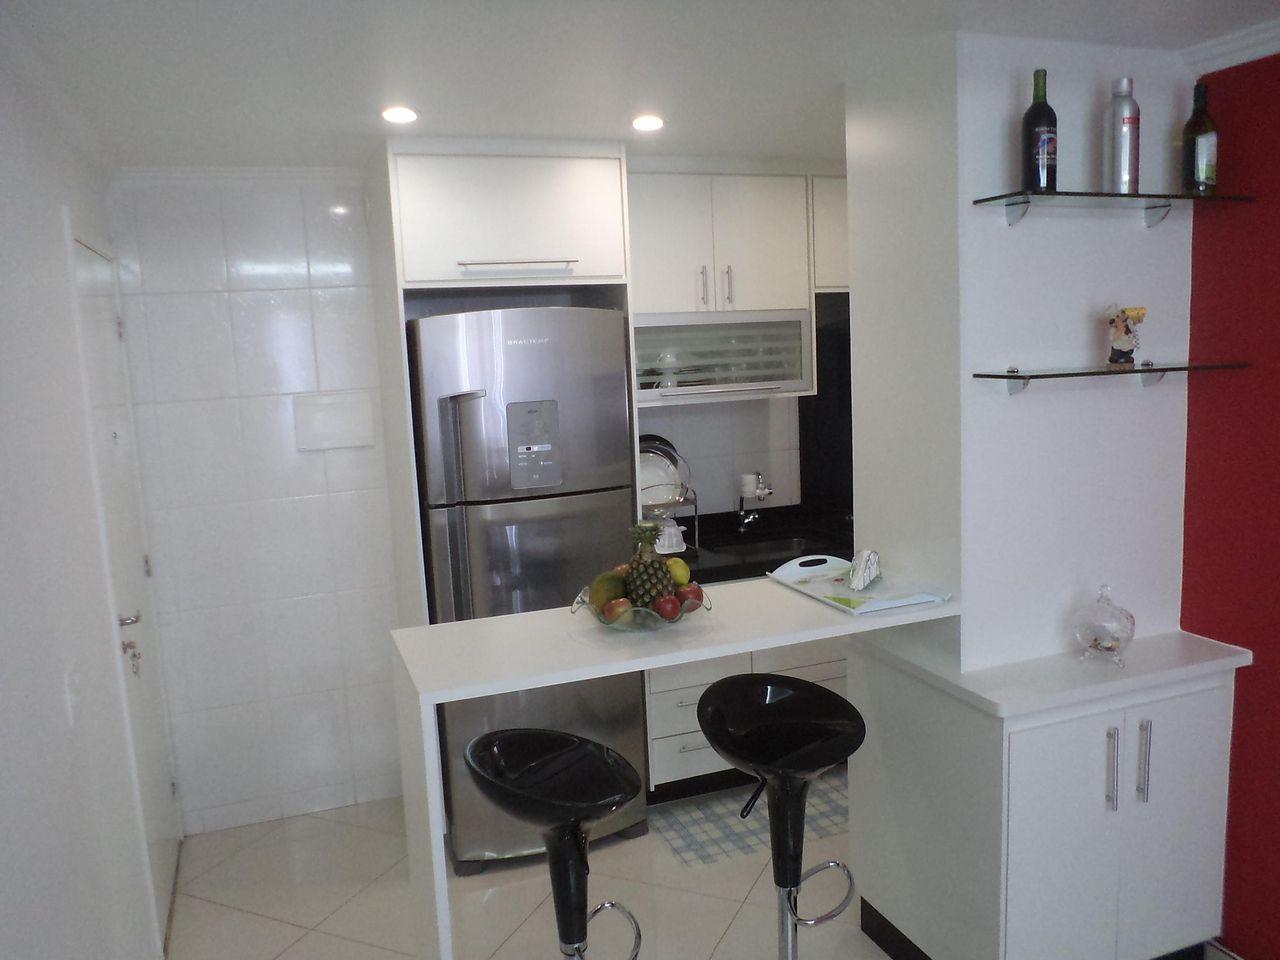 Cozinha Pequena De Paulo Fernandes Calicchio 51441 No Viva Decora